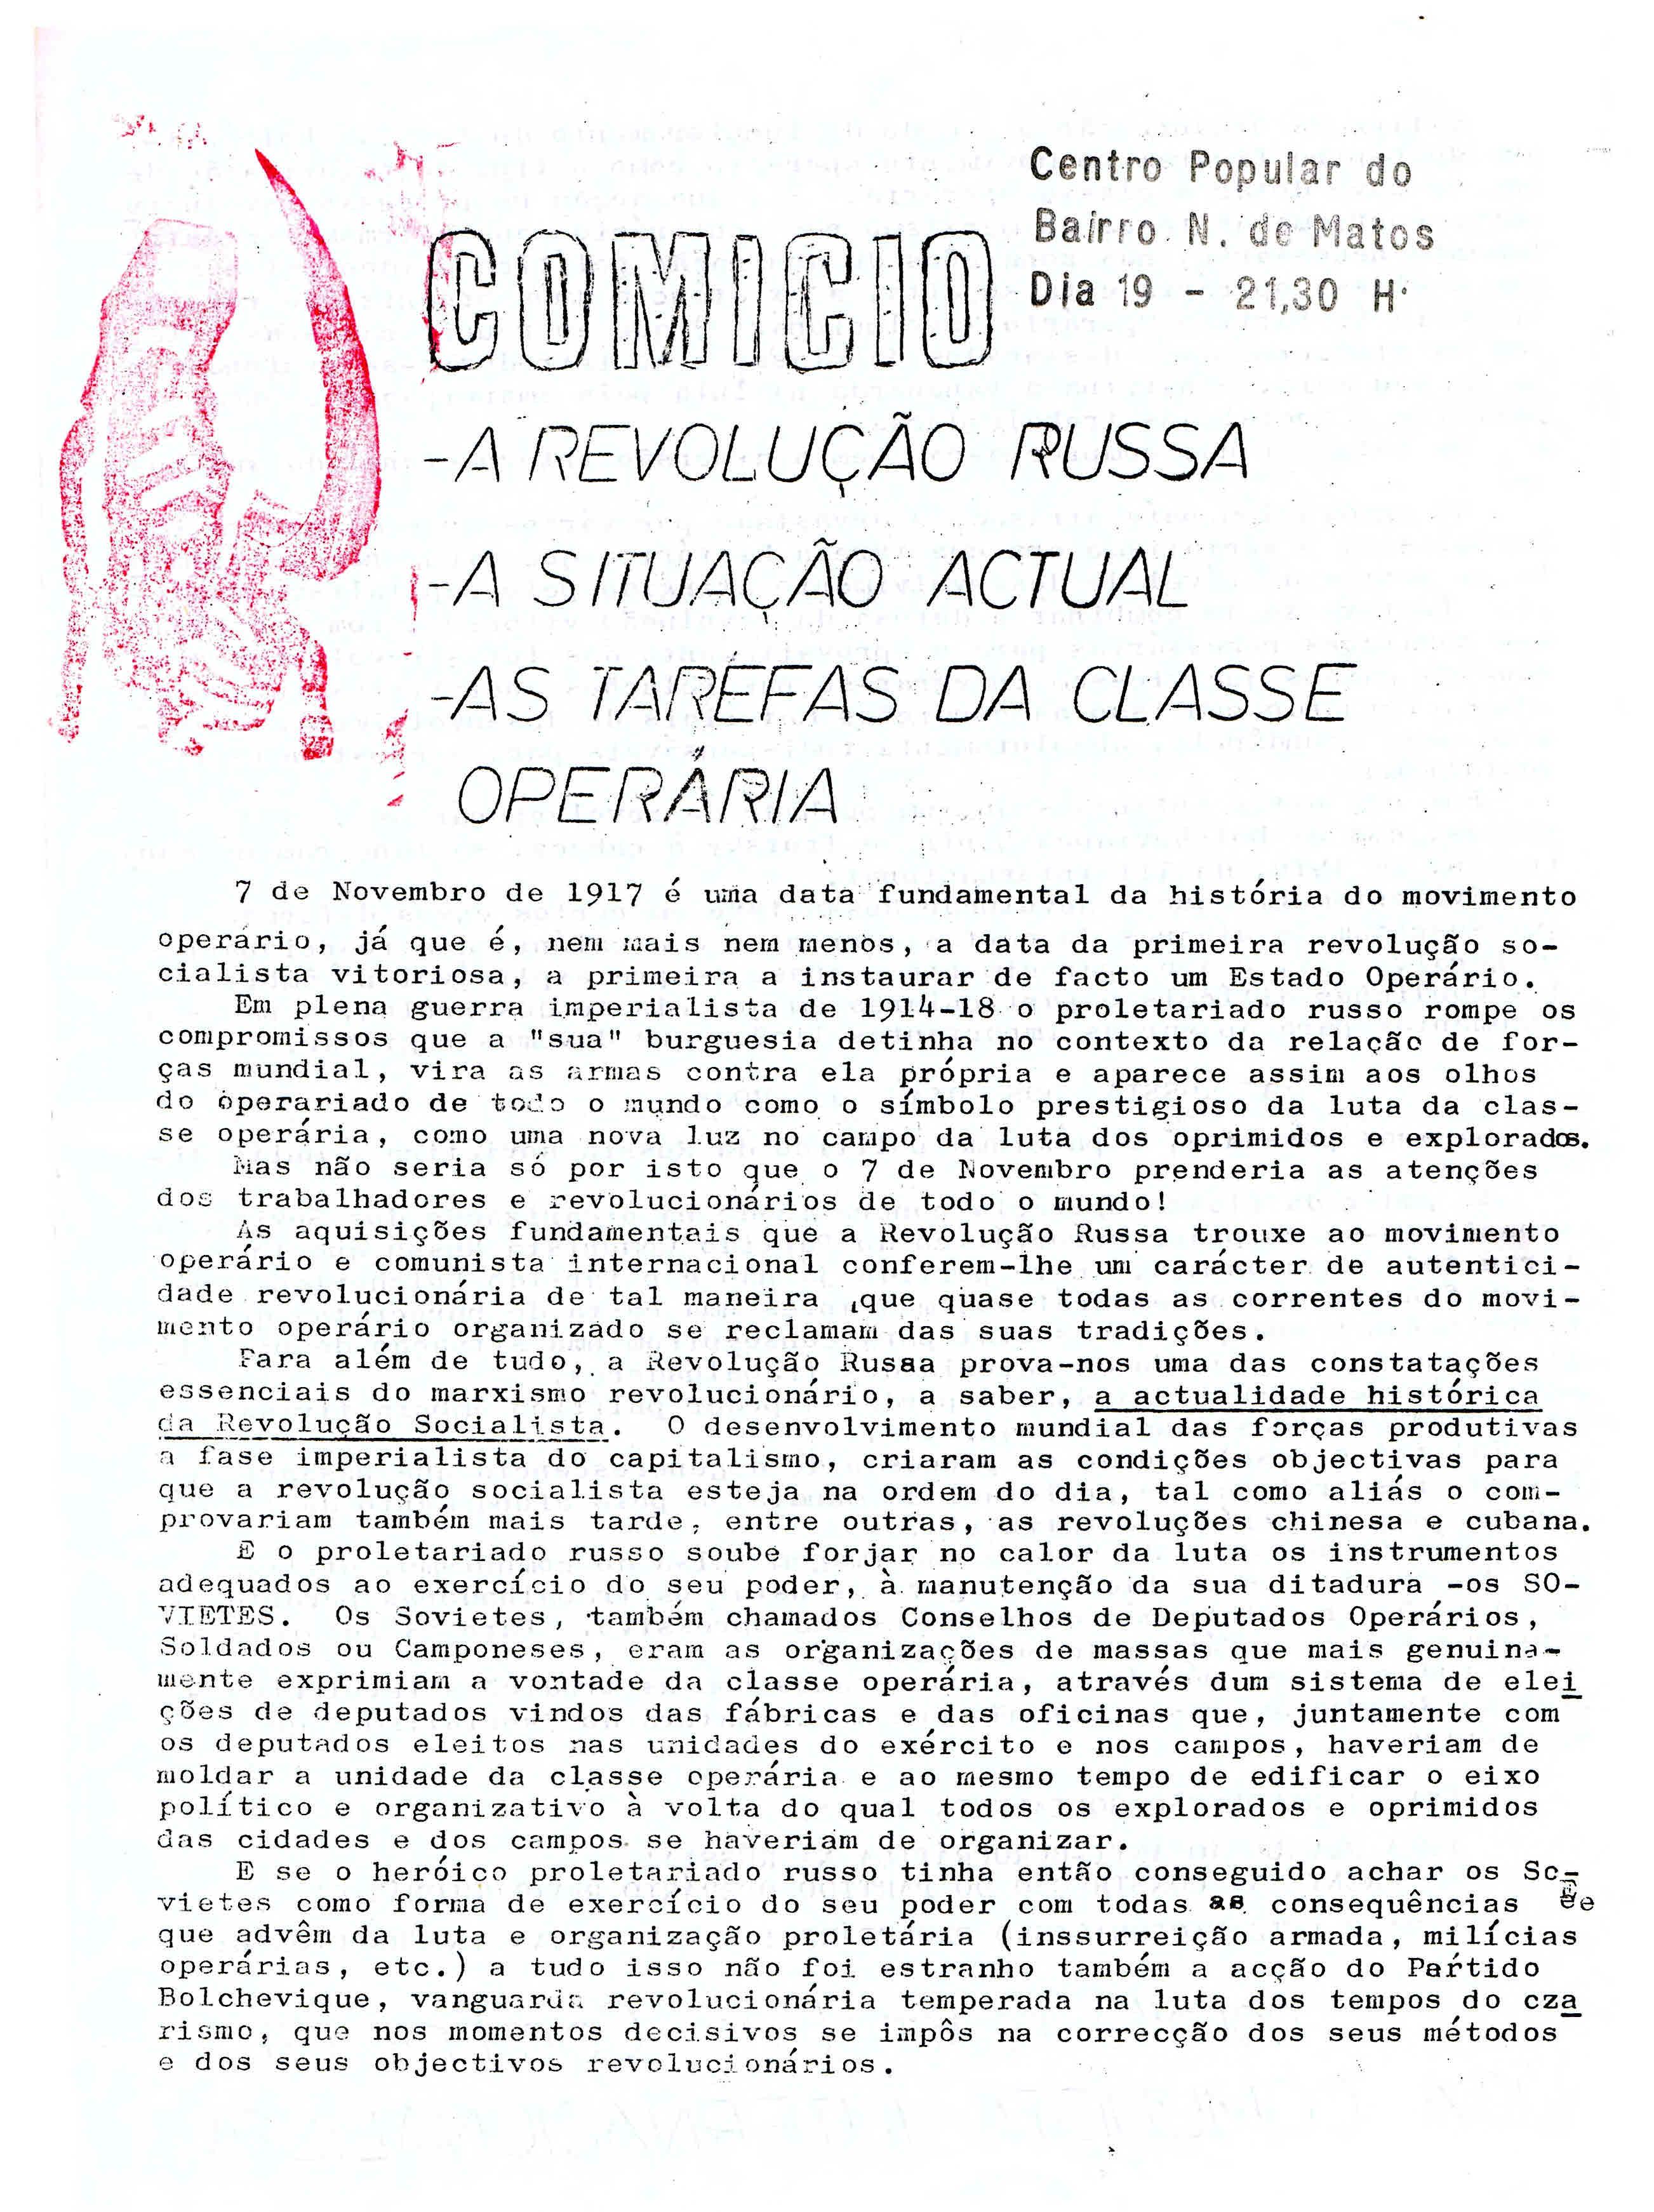 Document (191) 12